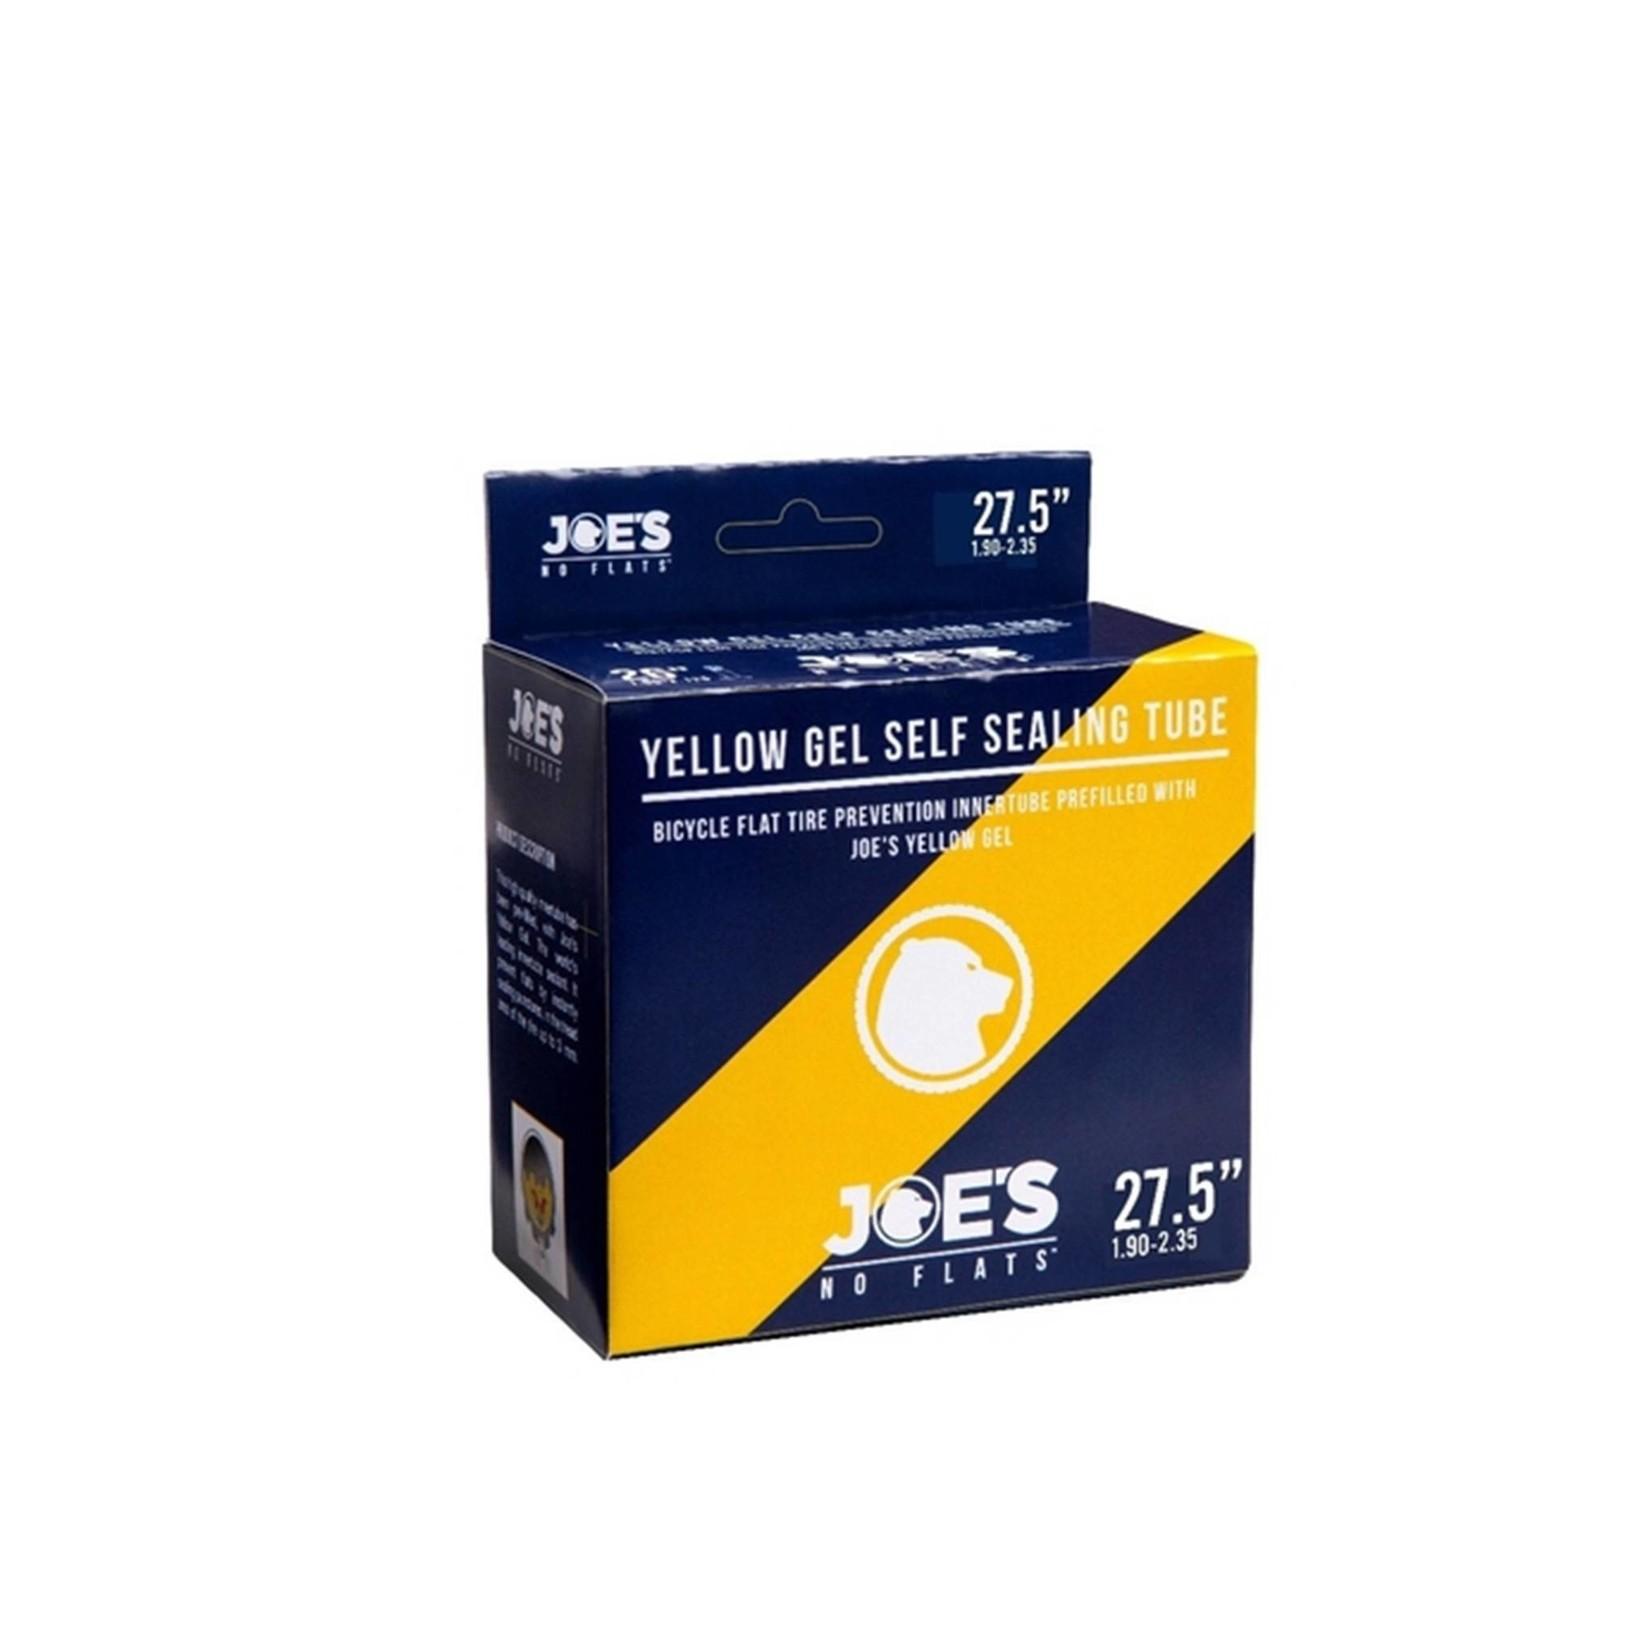 Joes Self Sealing 27.5 x 1.90-2.35 Schrader Tube